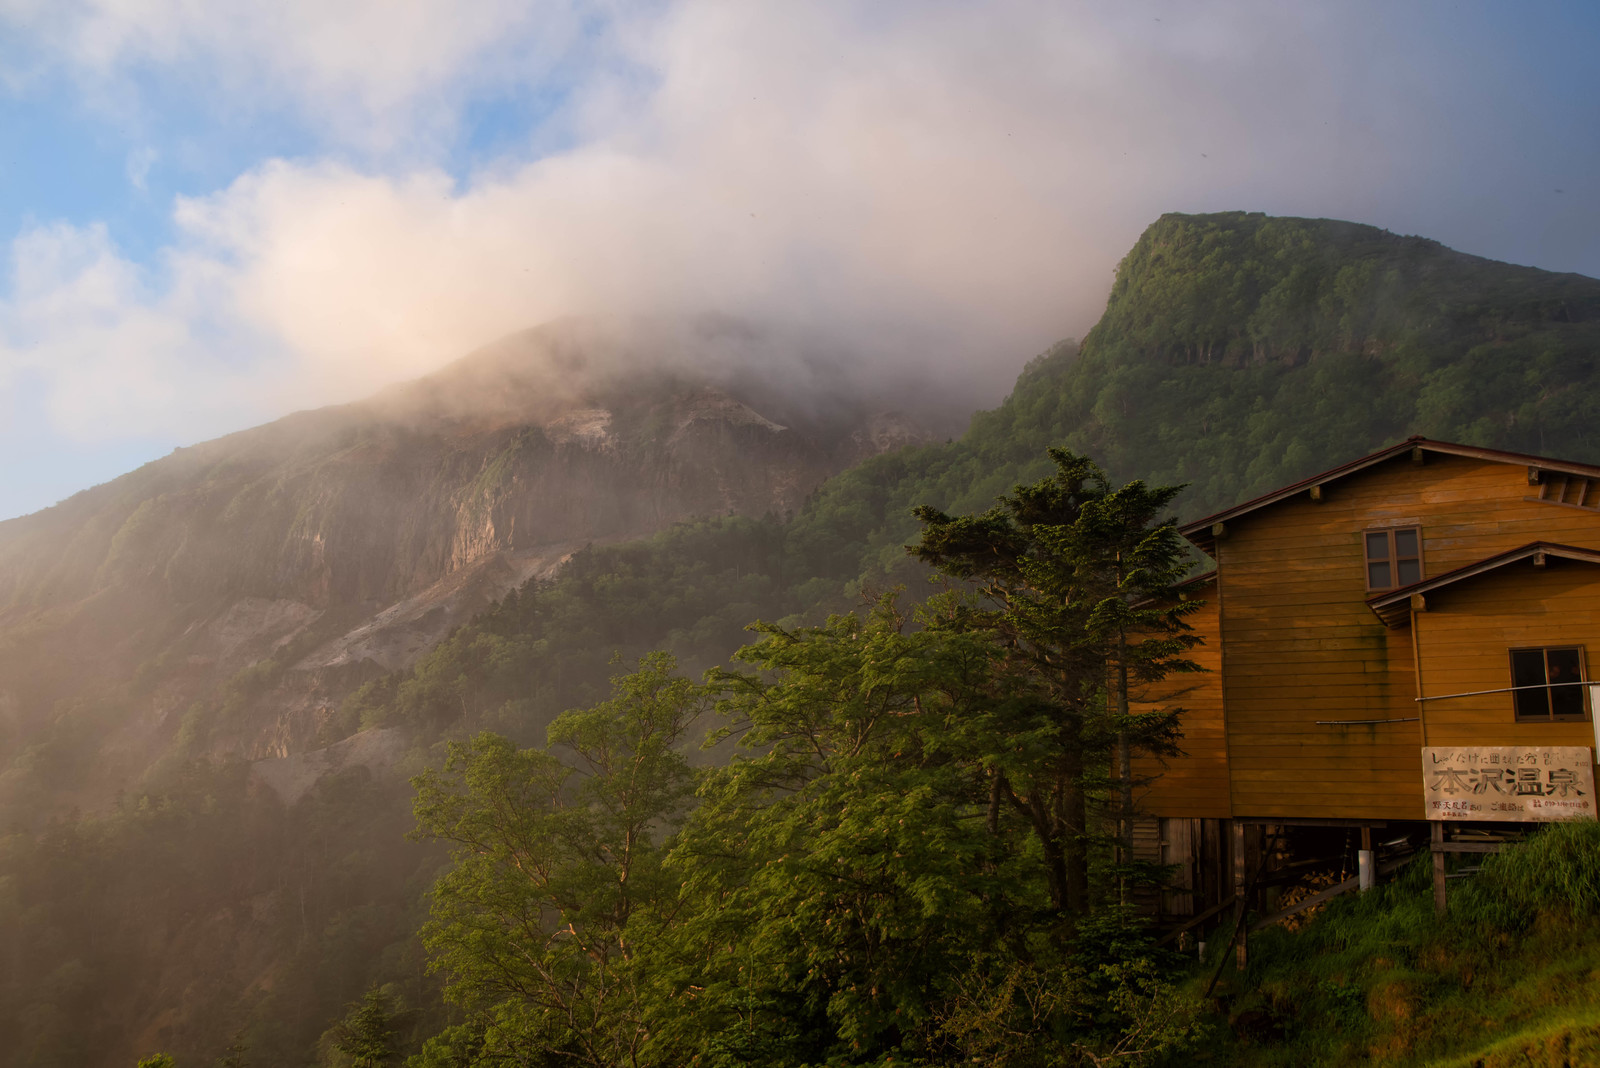 「硫黄岳の爆裂火口と本沢温泉(八ヶ岳連峰)」の写真